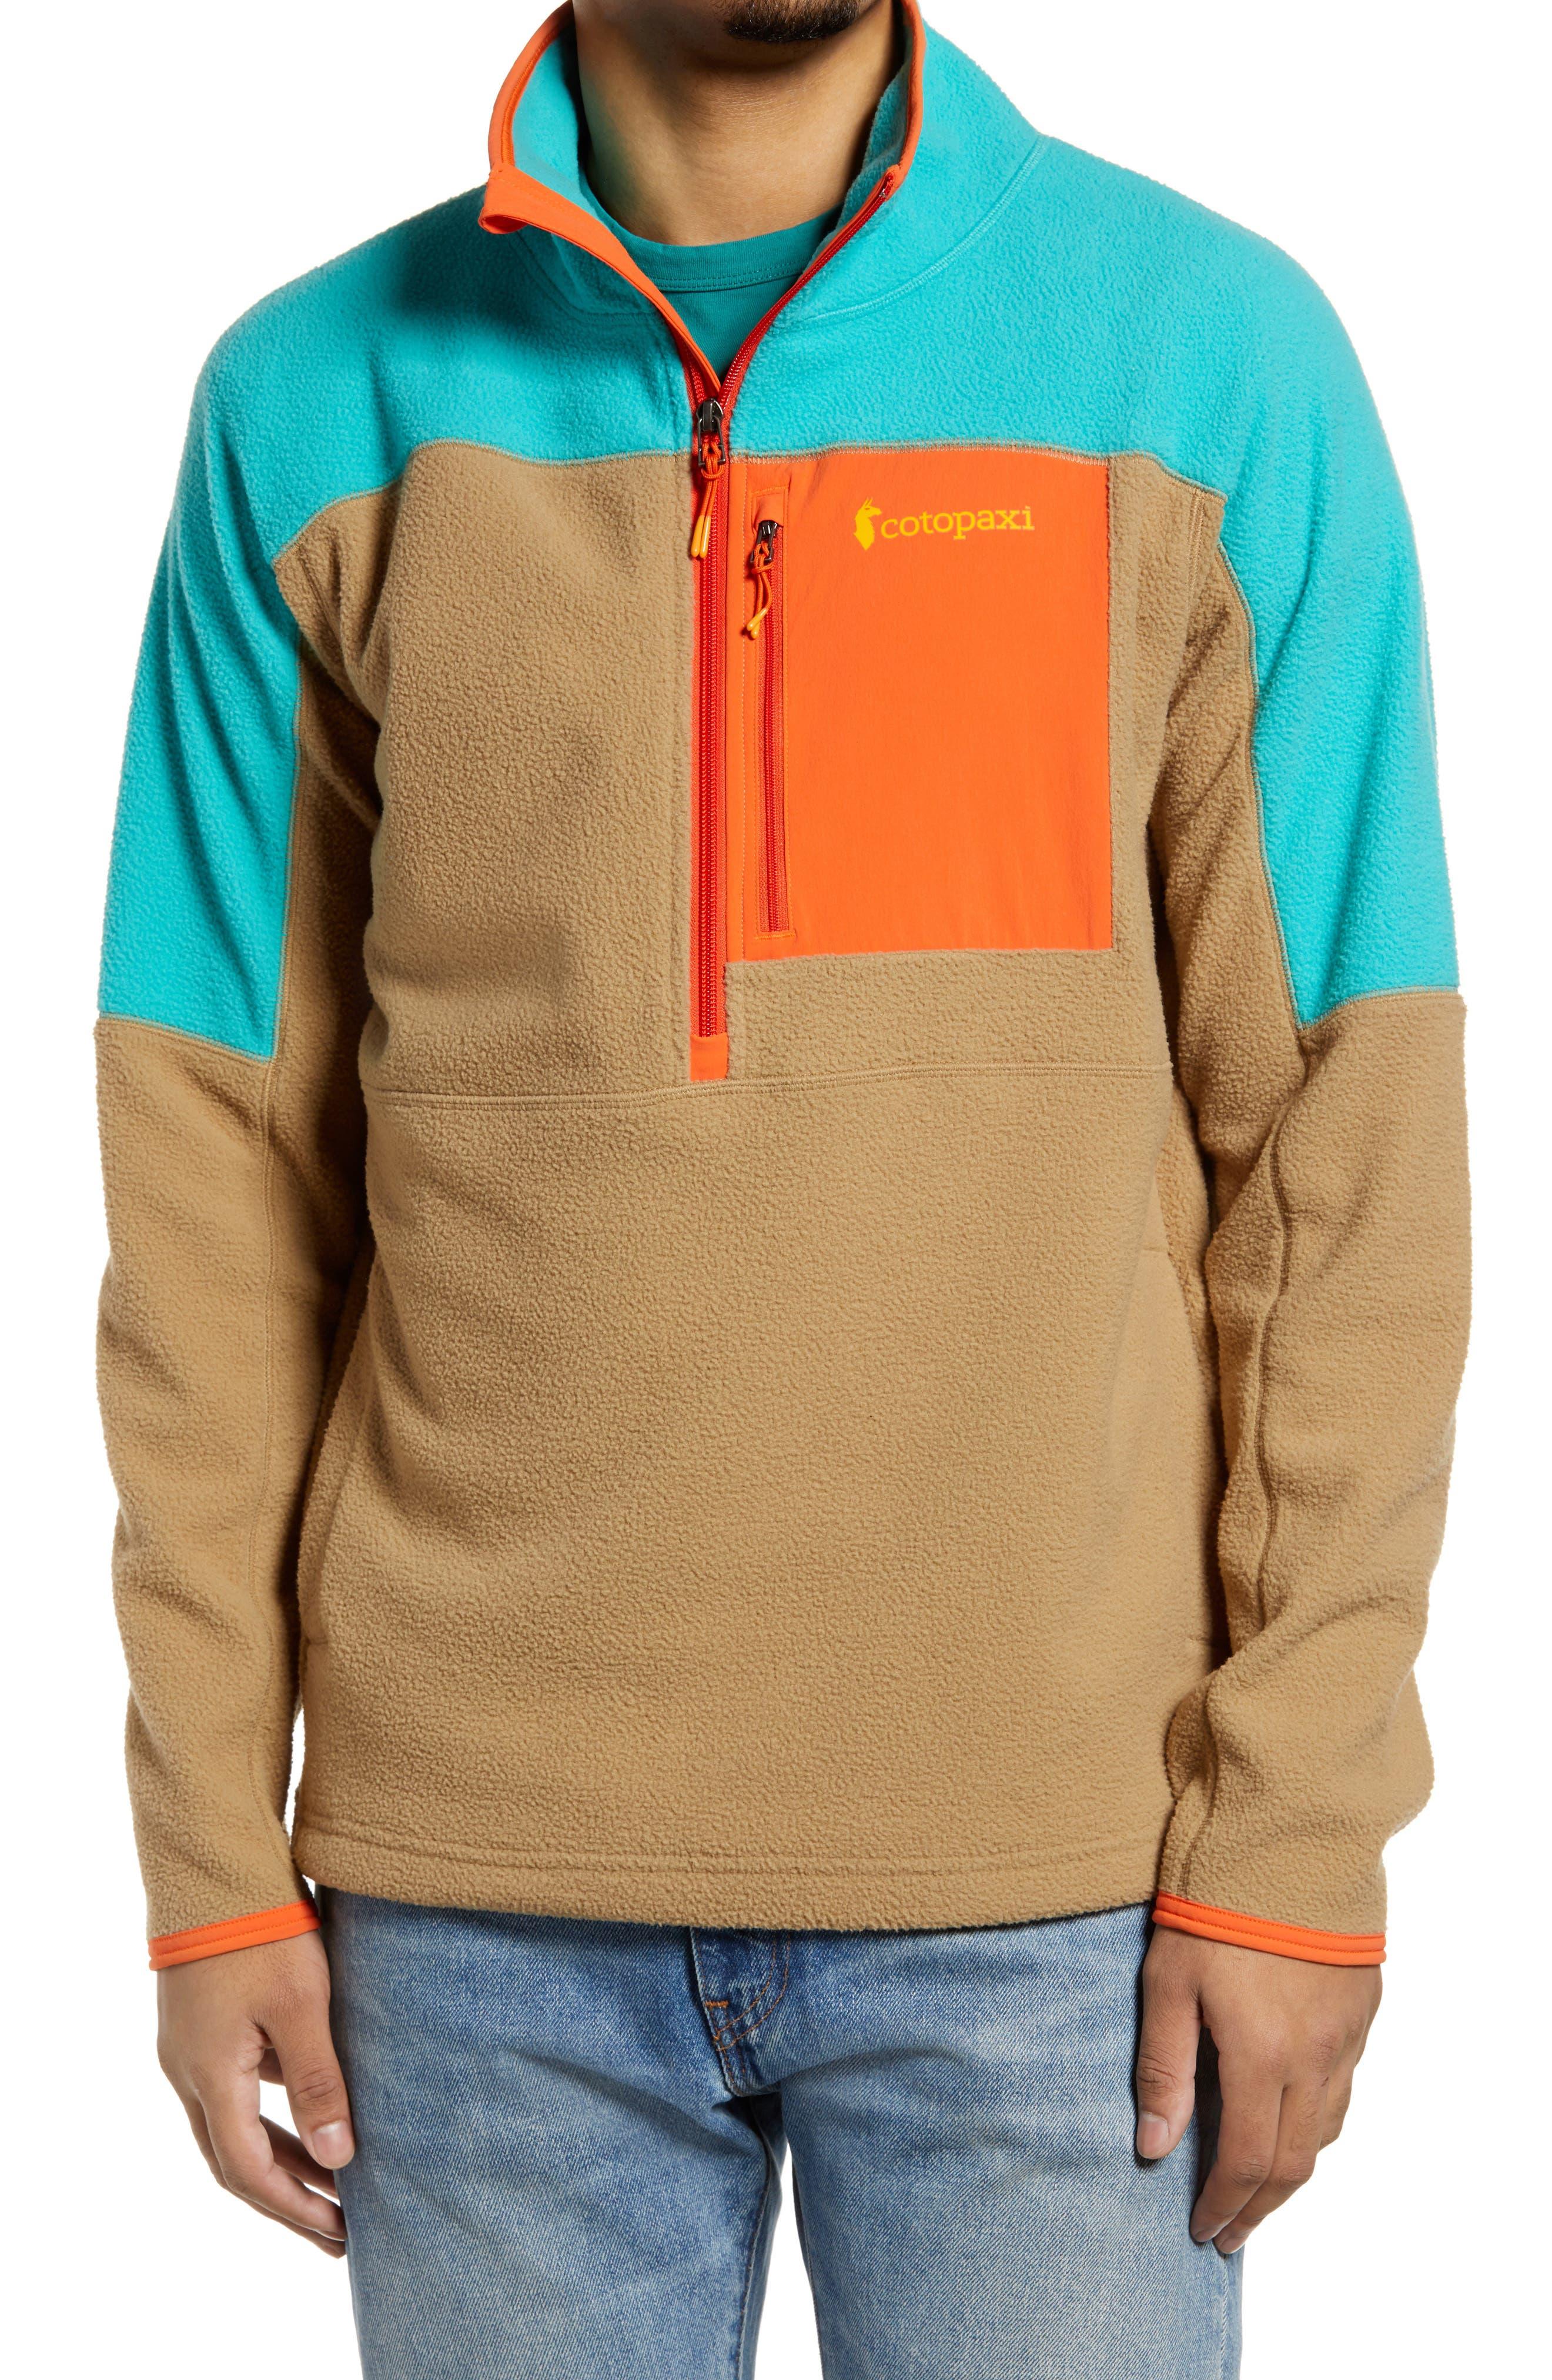 Dorado Colorblock Half Zip Fleece Pullover